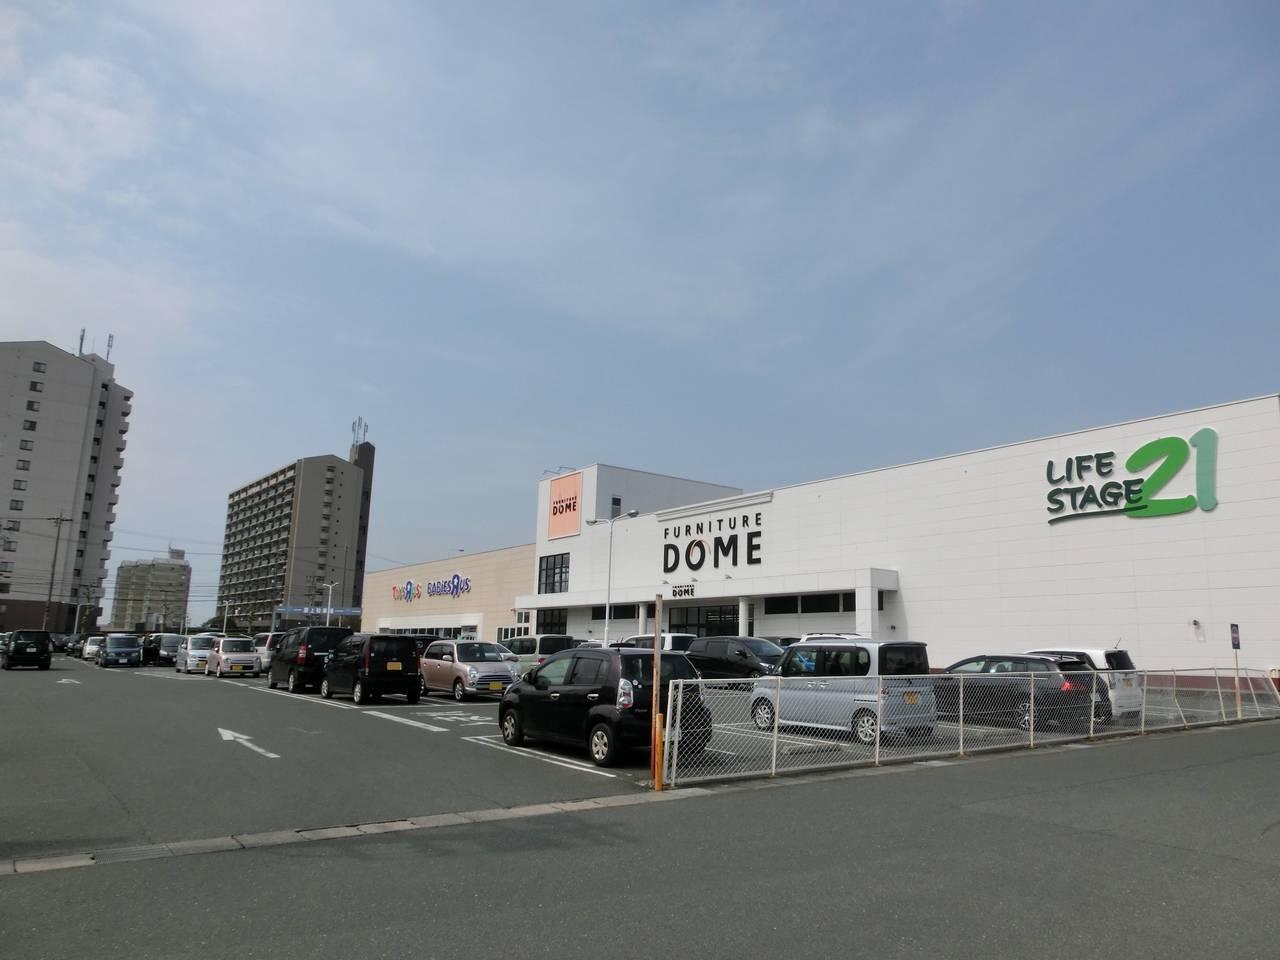 【ショッピングセンター】トイザらスベビーザらス豊橋店まで徒歩11分(846m)